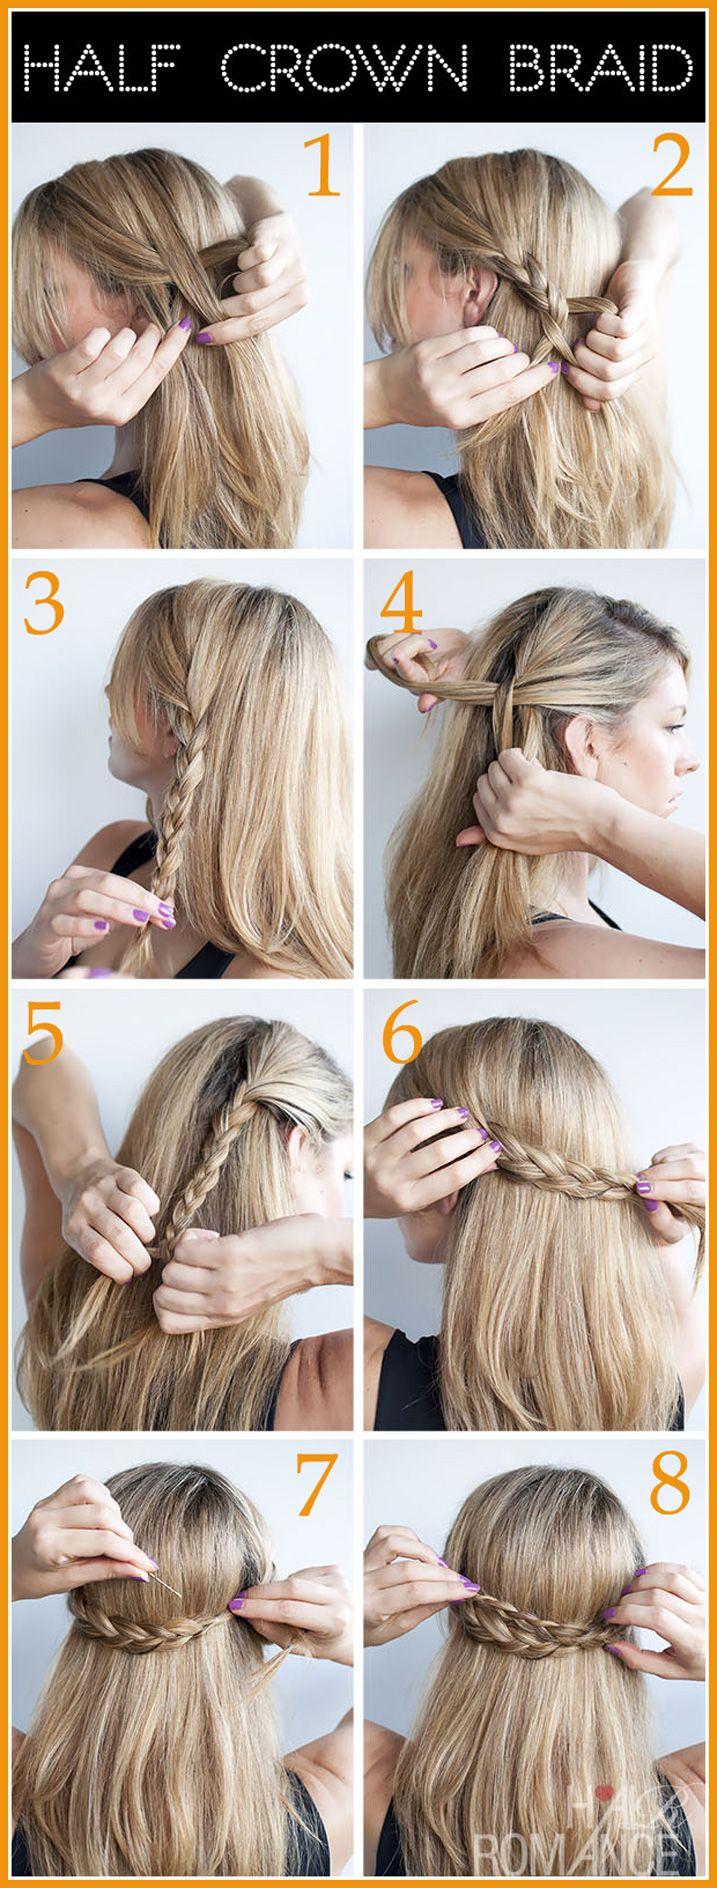 Half Crown Braid Hairstyle Tutorial